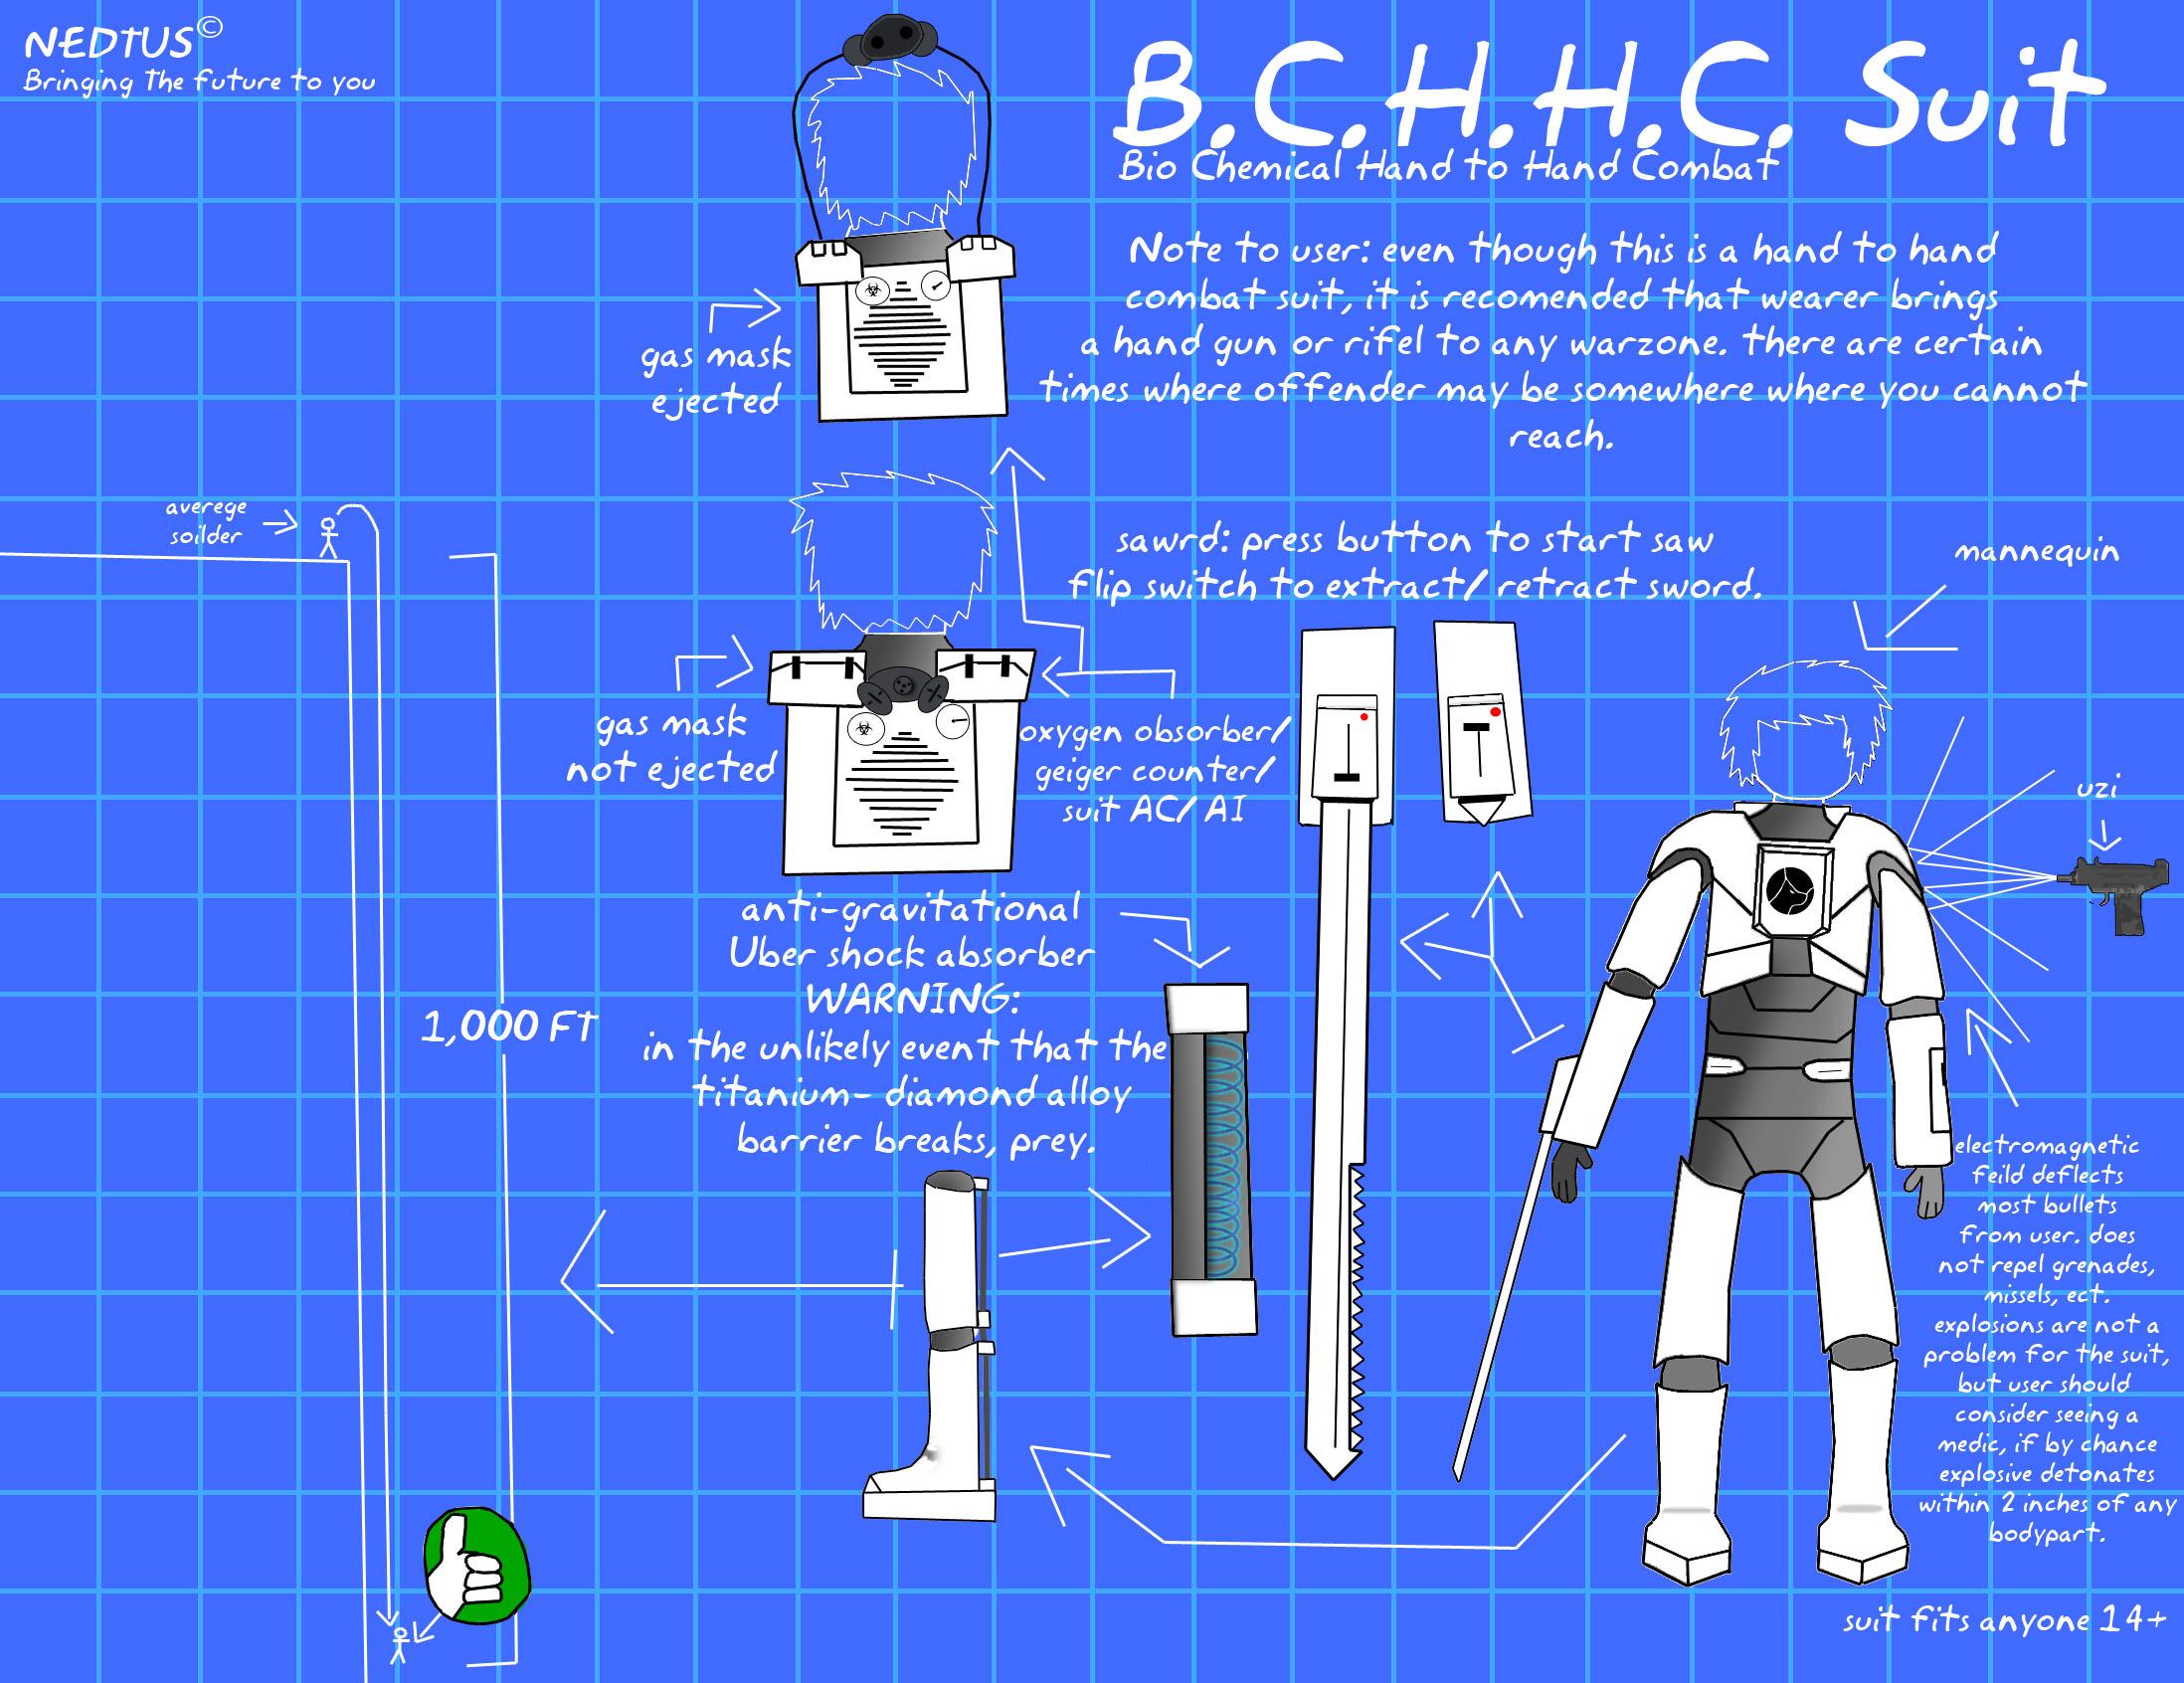 B.C.H.H.C. suit